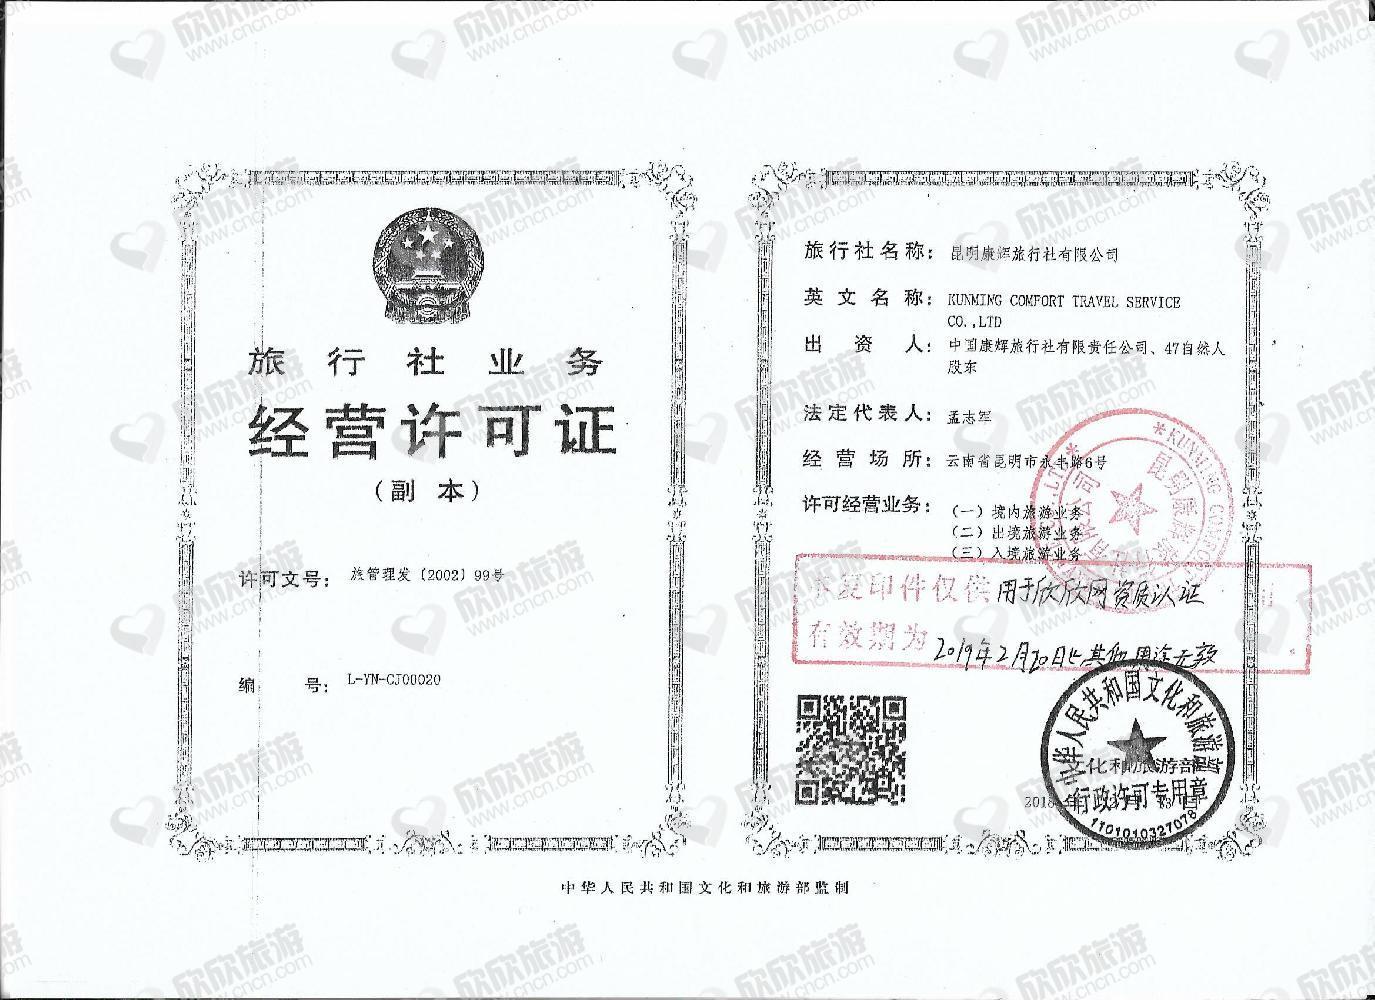 昆明中国国际旅行社有限公司经营许可证